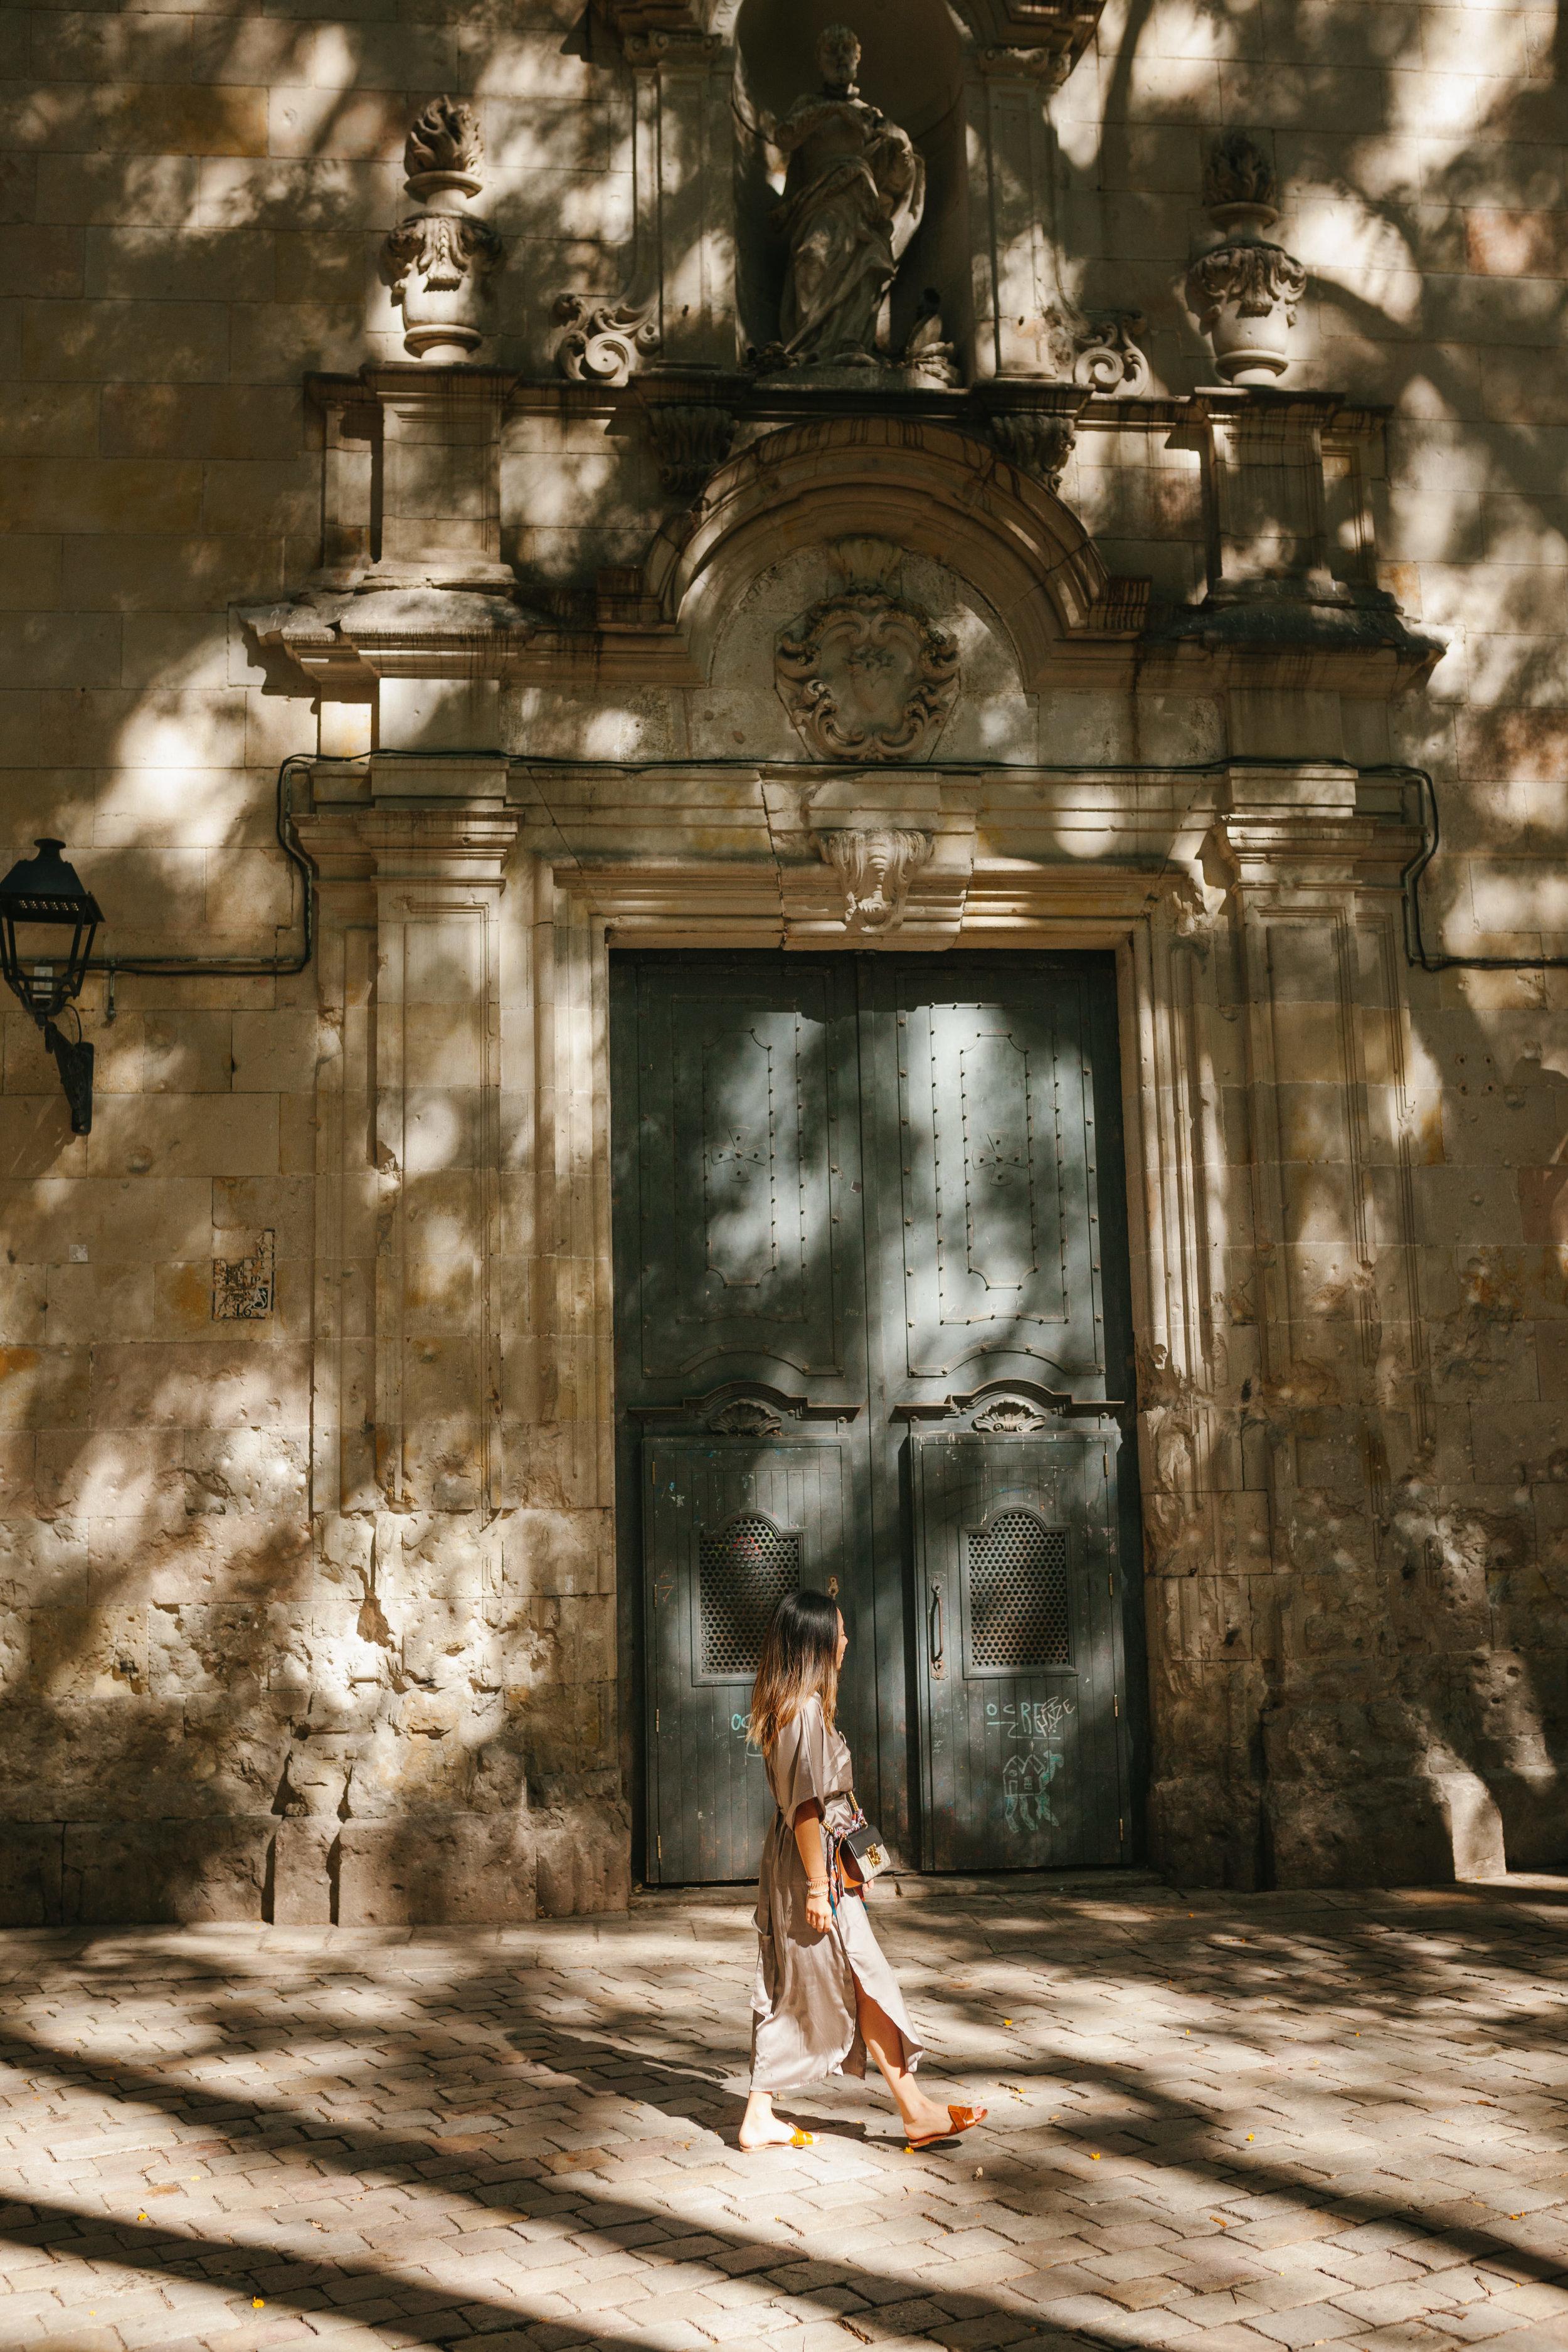 Chica caminando bajo las sombras de la plaza Felip Neri de Barcelona